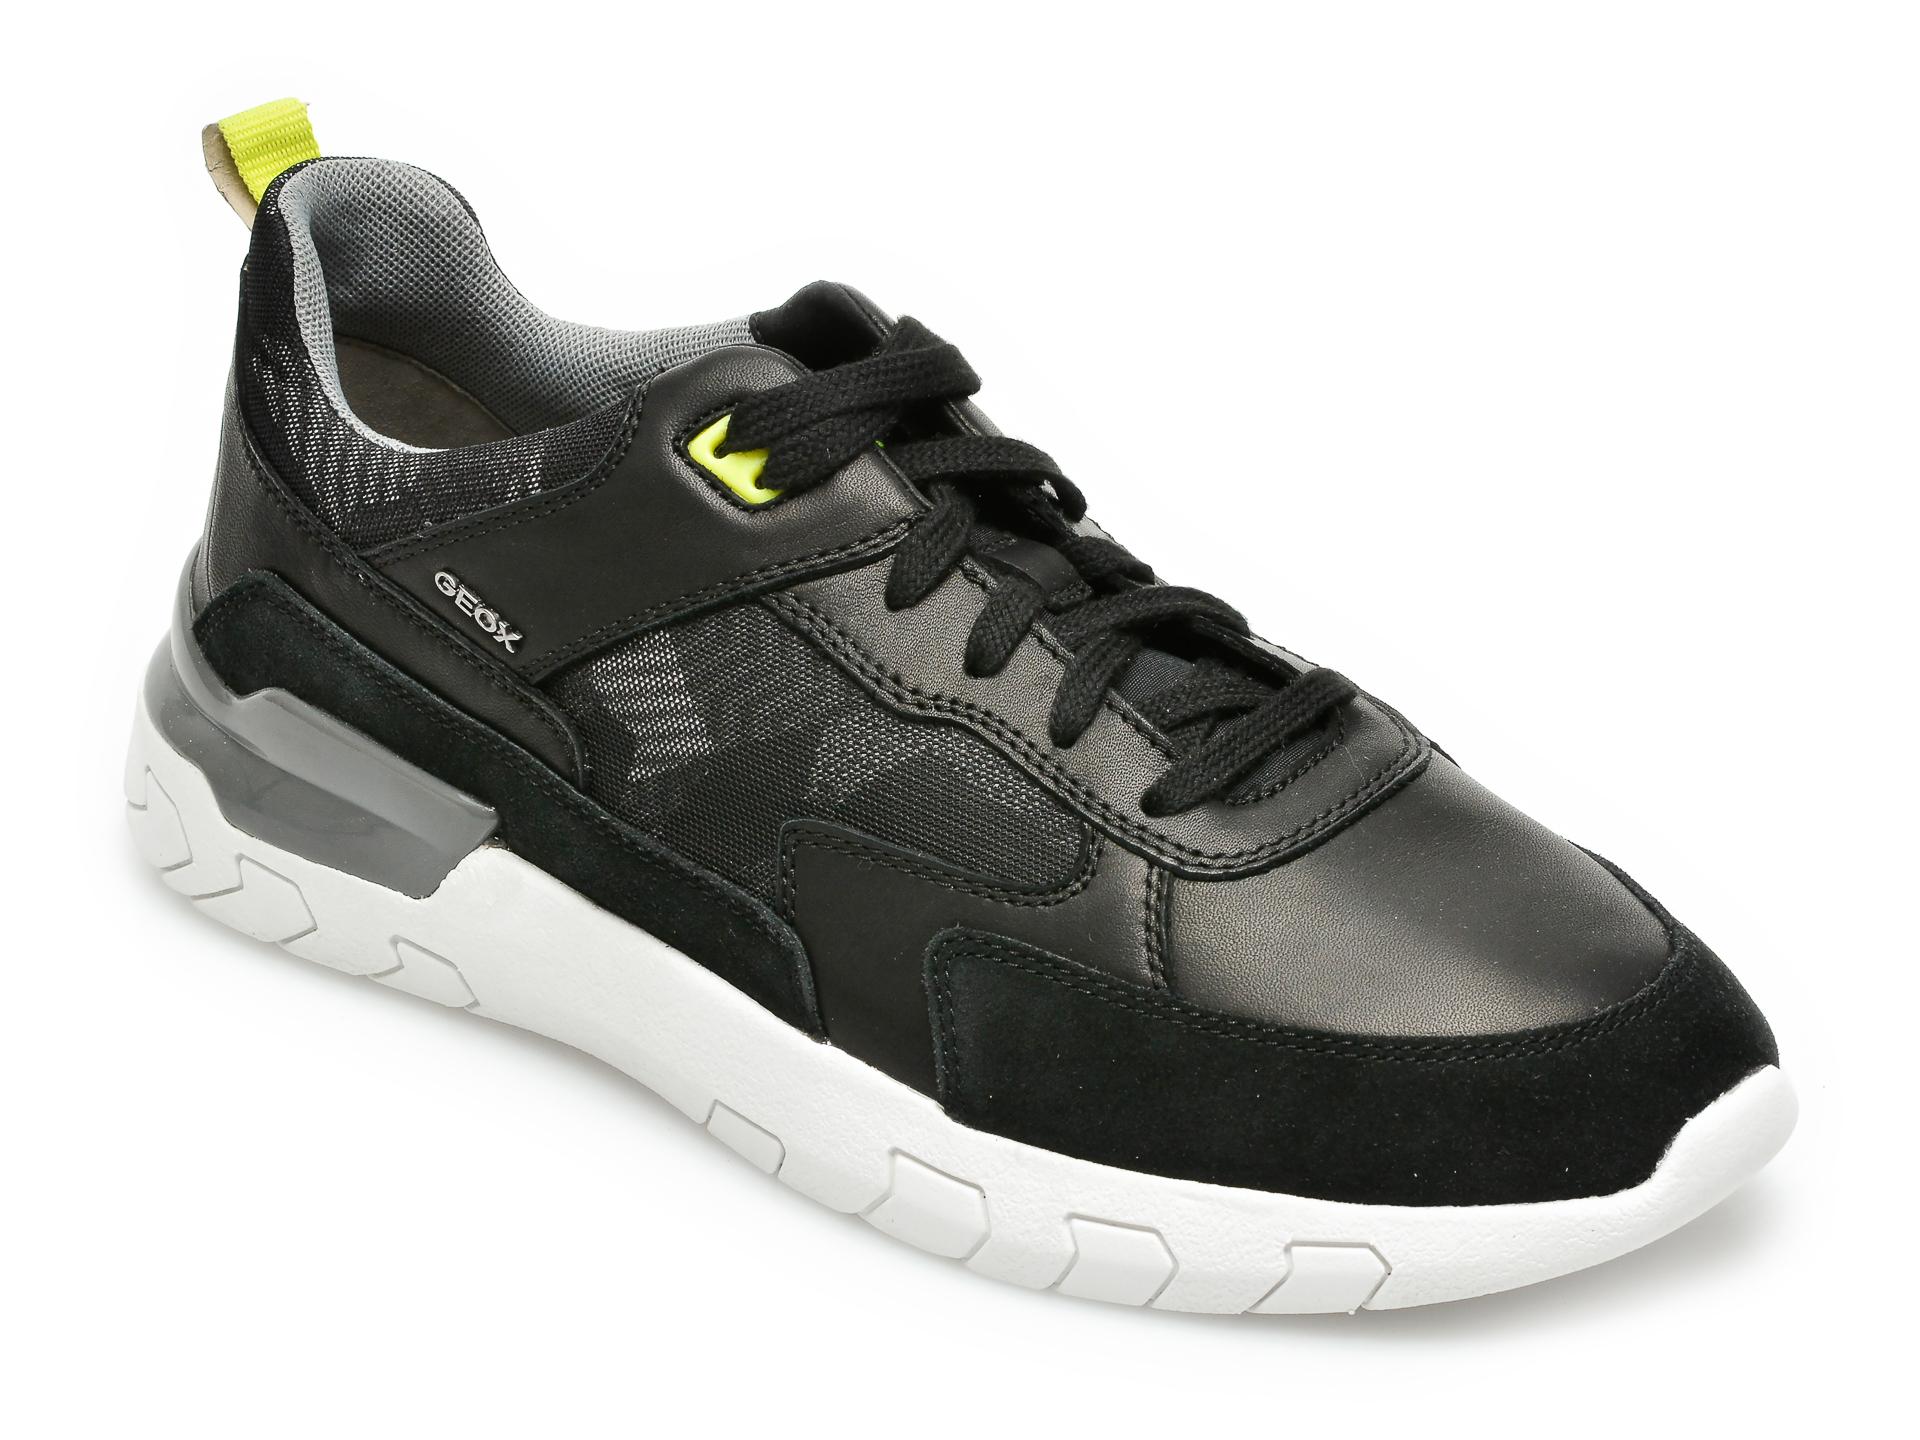 Pantofi sport GEOX negri, U158ZC, din material textil si piele naturala imagine